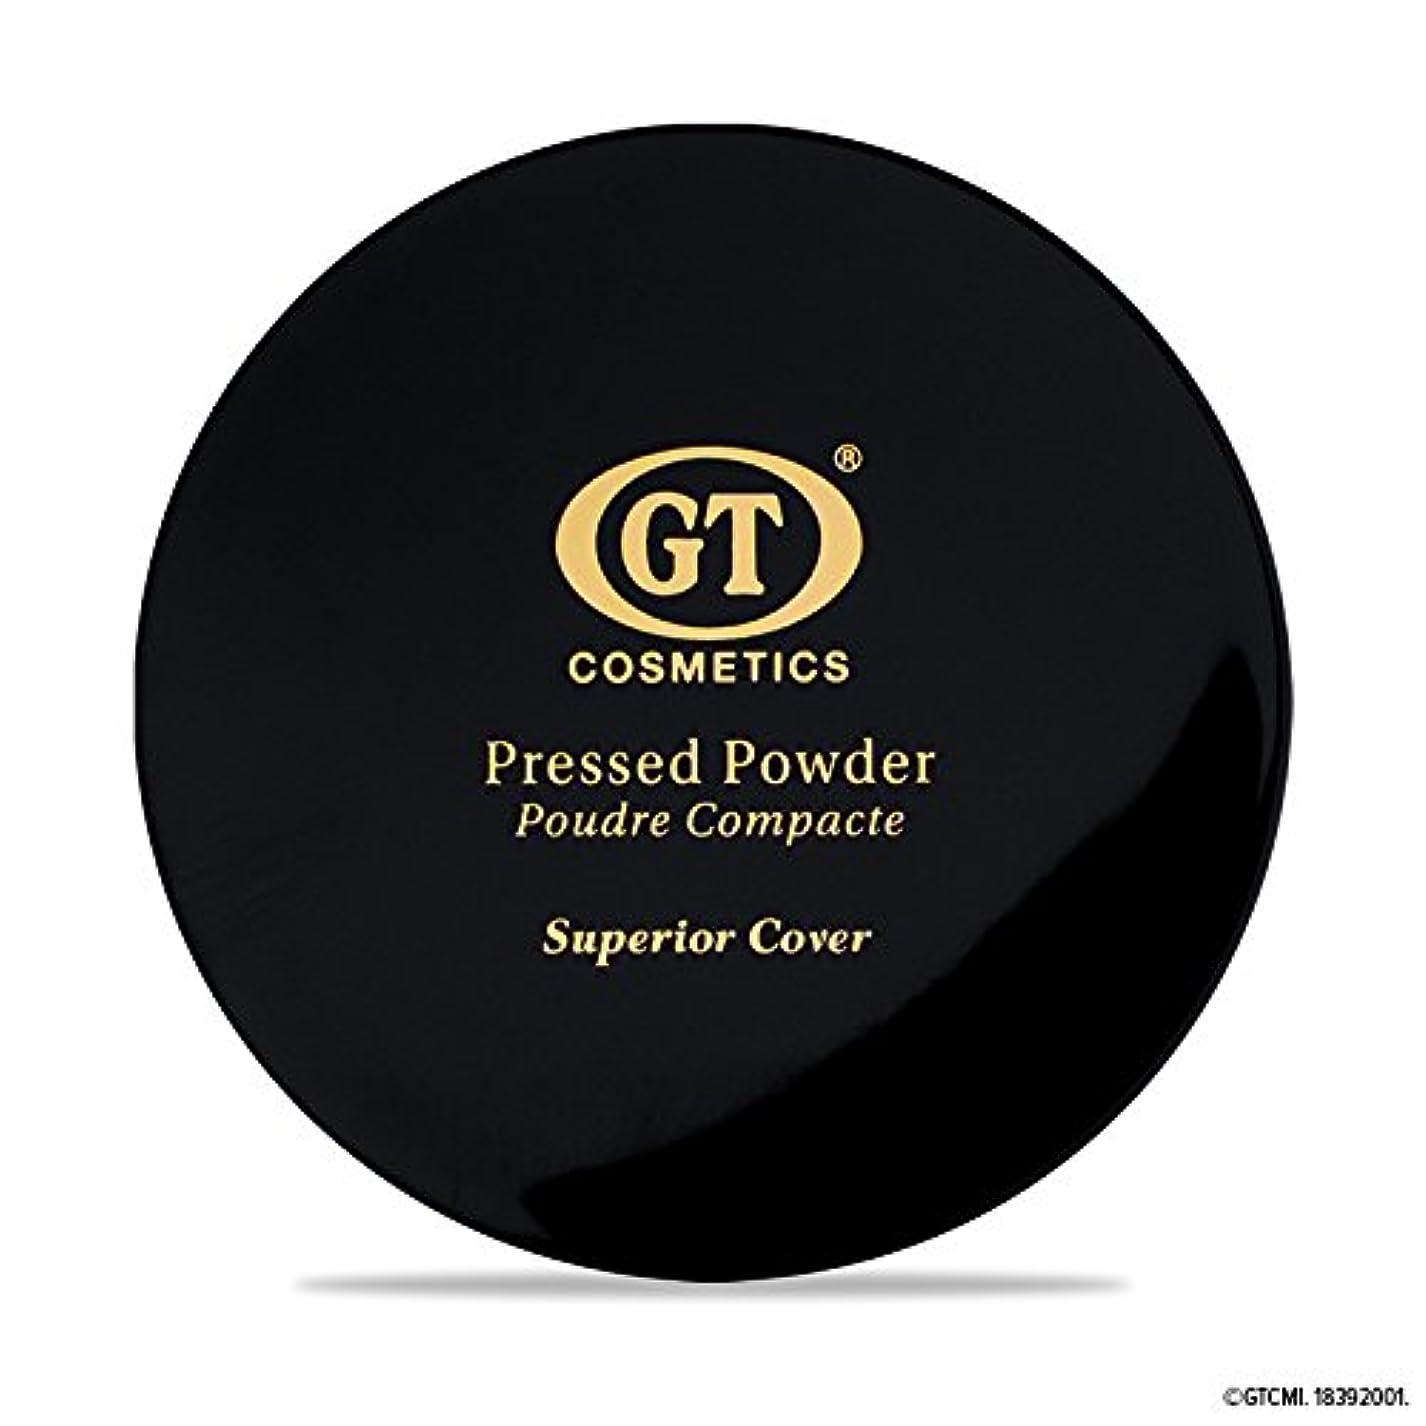 レール地元保守可能GTpressed powder ライトベージュ SPF20 正規輸入代理店 日本初上陸 コスメティック オーガニック ファンデーション